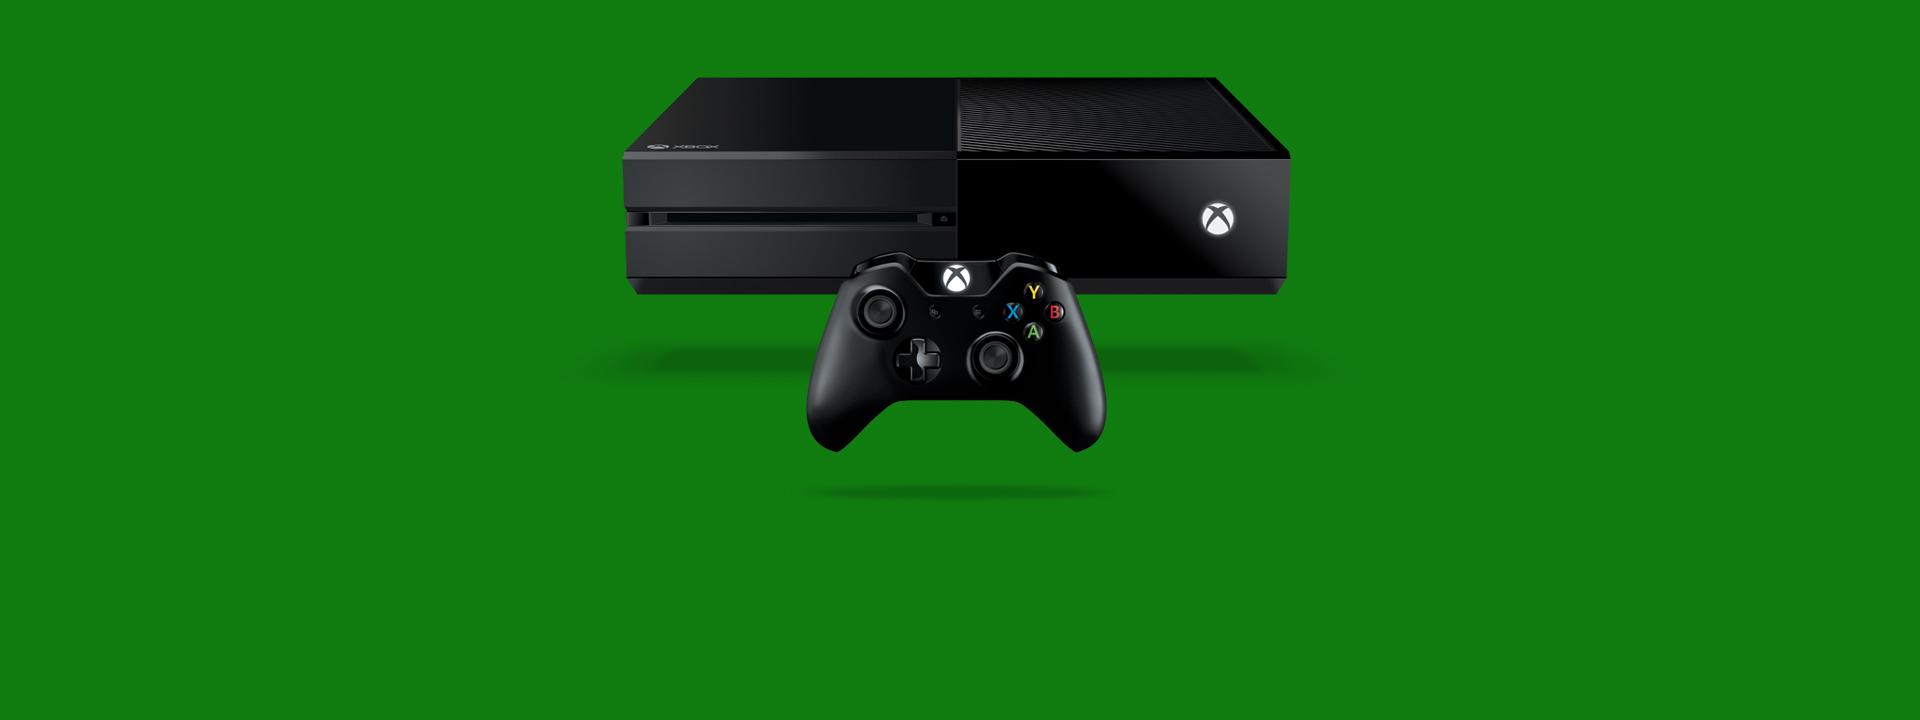 Κονσόλα και ελεγκτής Xbox One, αγοράστε τις τελευταίες κονσόλες